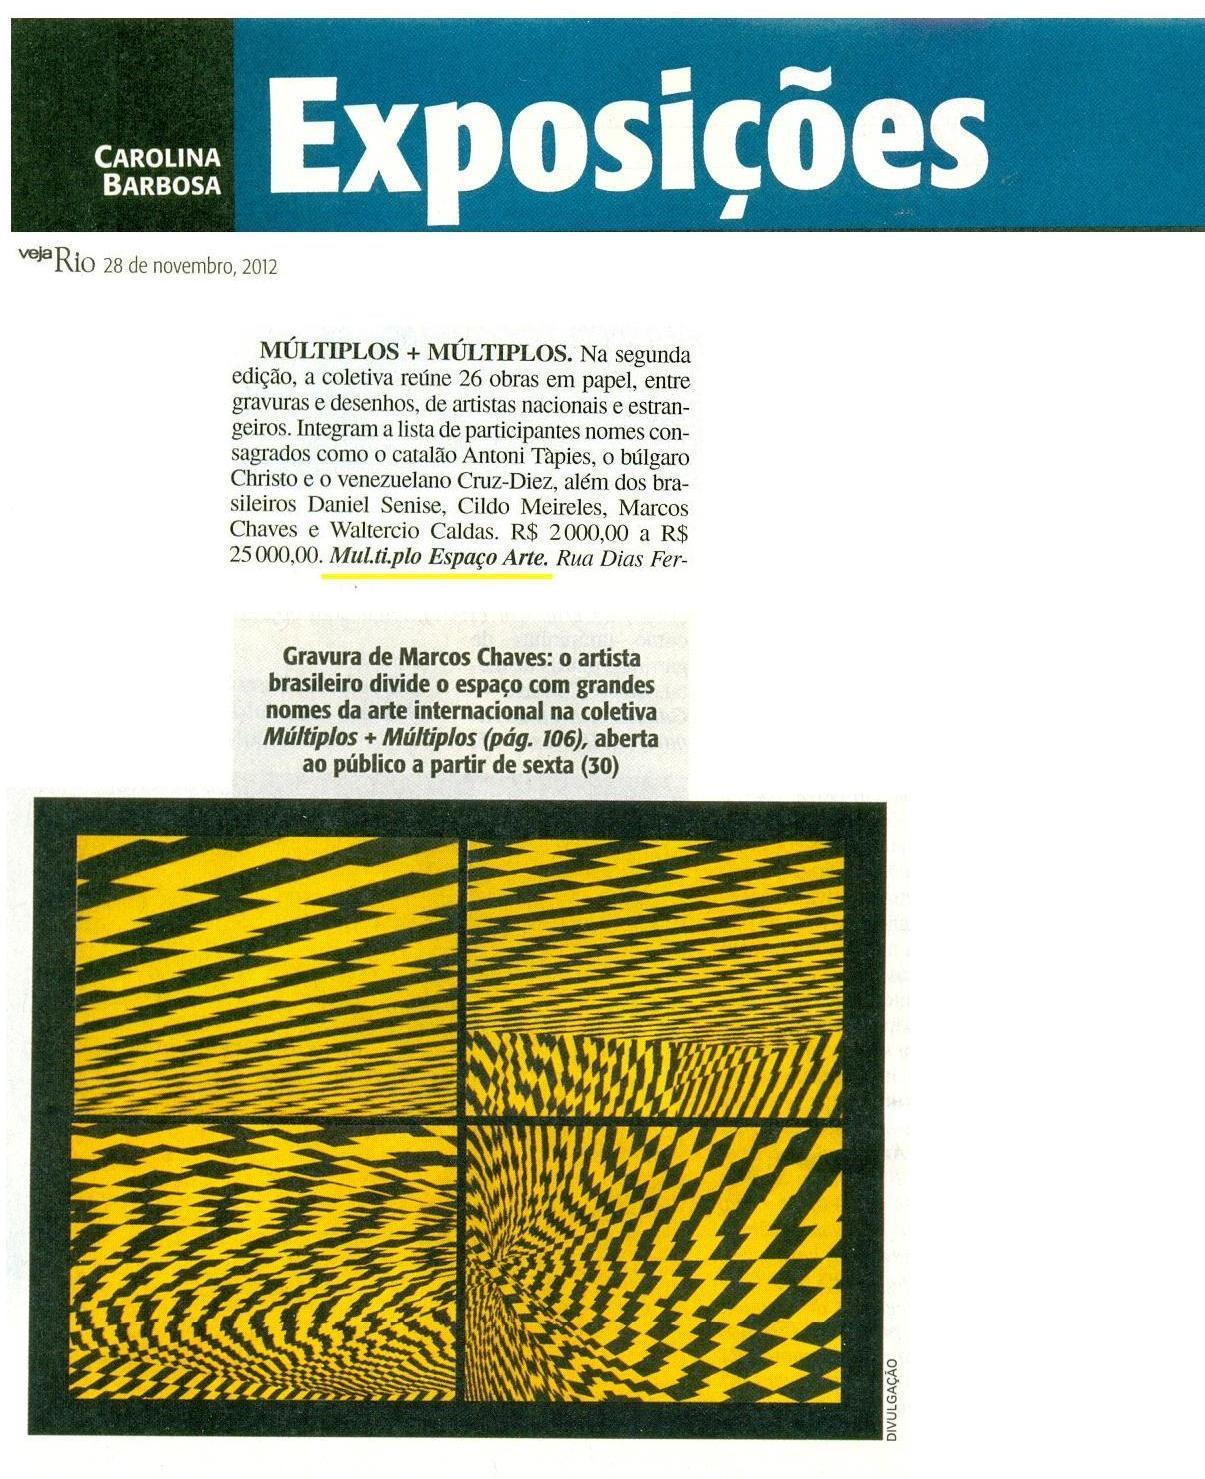 MUL.TI.PLO ESPAÇO NA VEJA RIO 28.11.2012.JPG